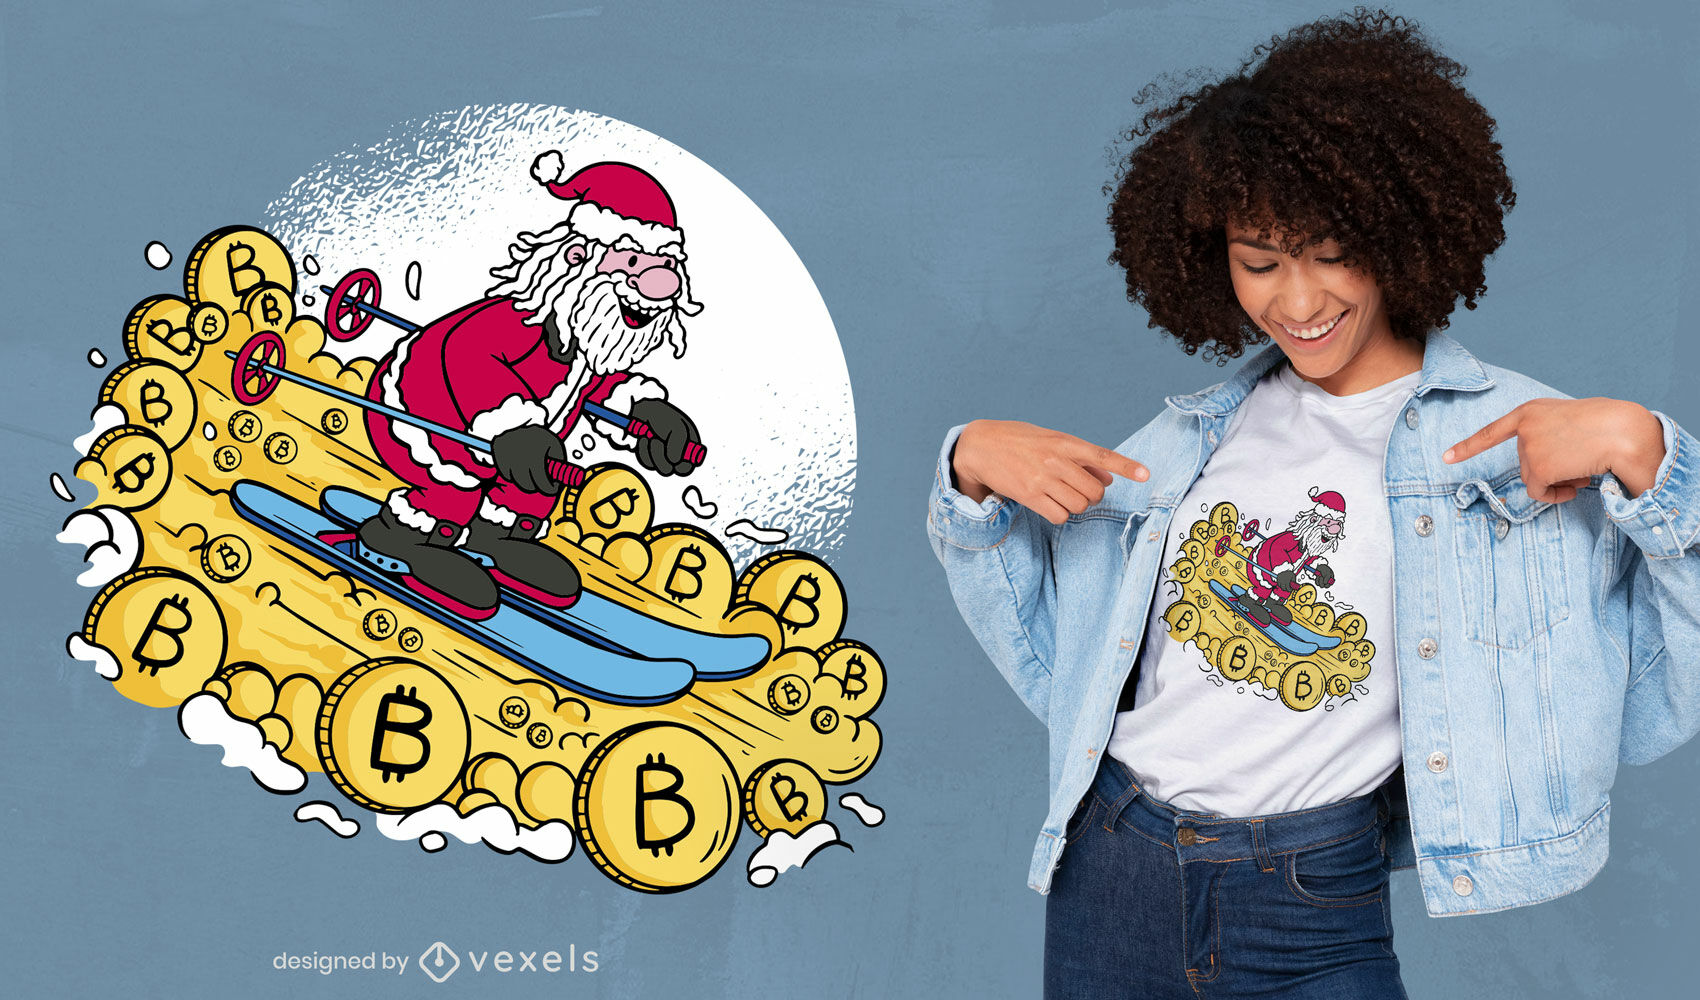 Santa esquiando con dise?o de camiseta bitcoins